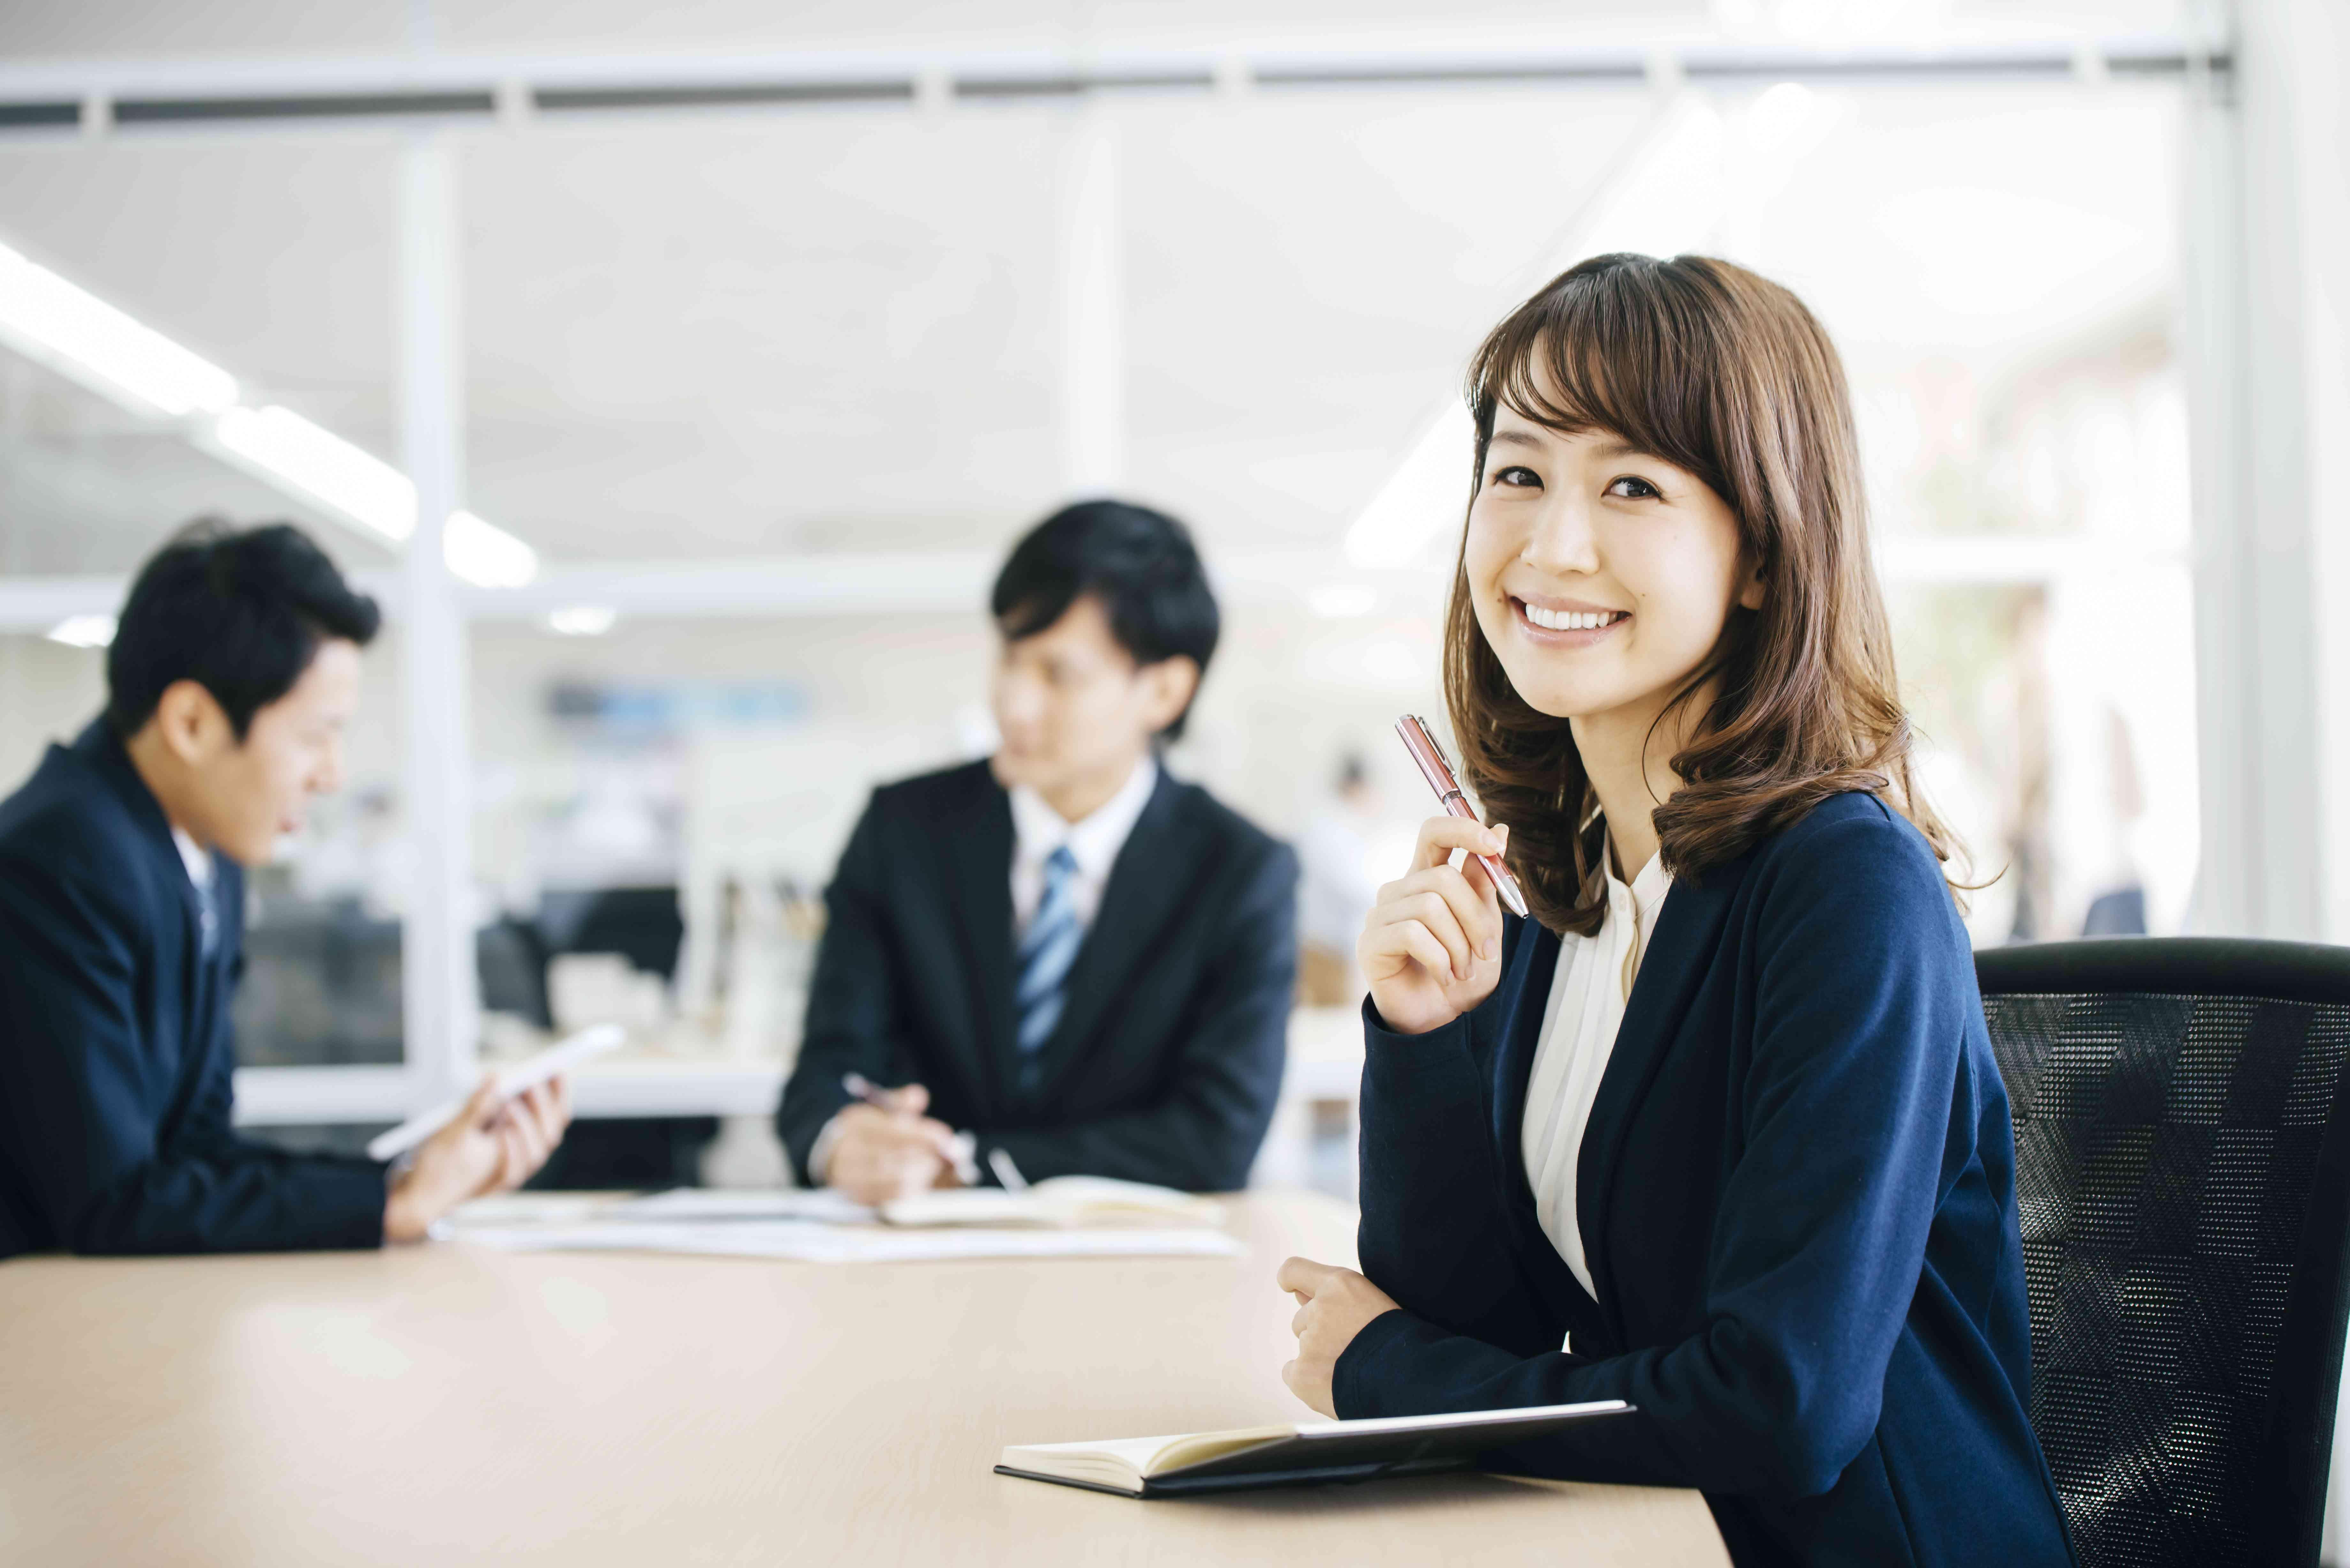 キャバクラ嬢から昼職嬢に転職するメリット3選を紹介します